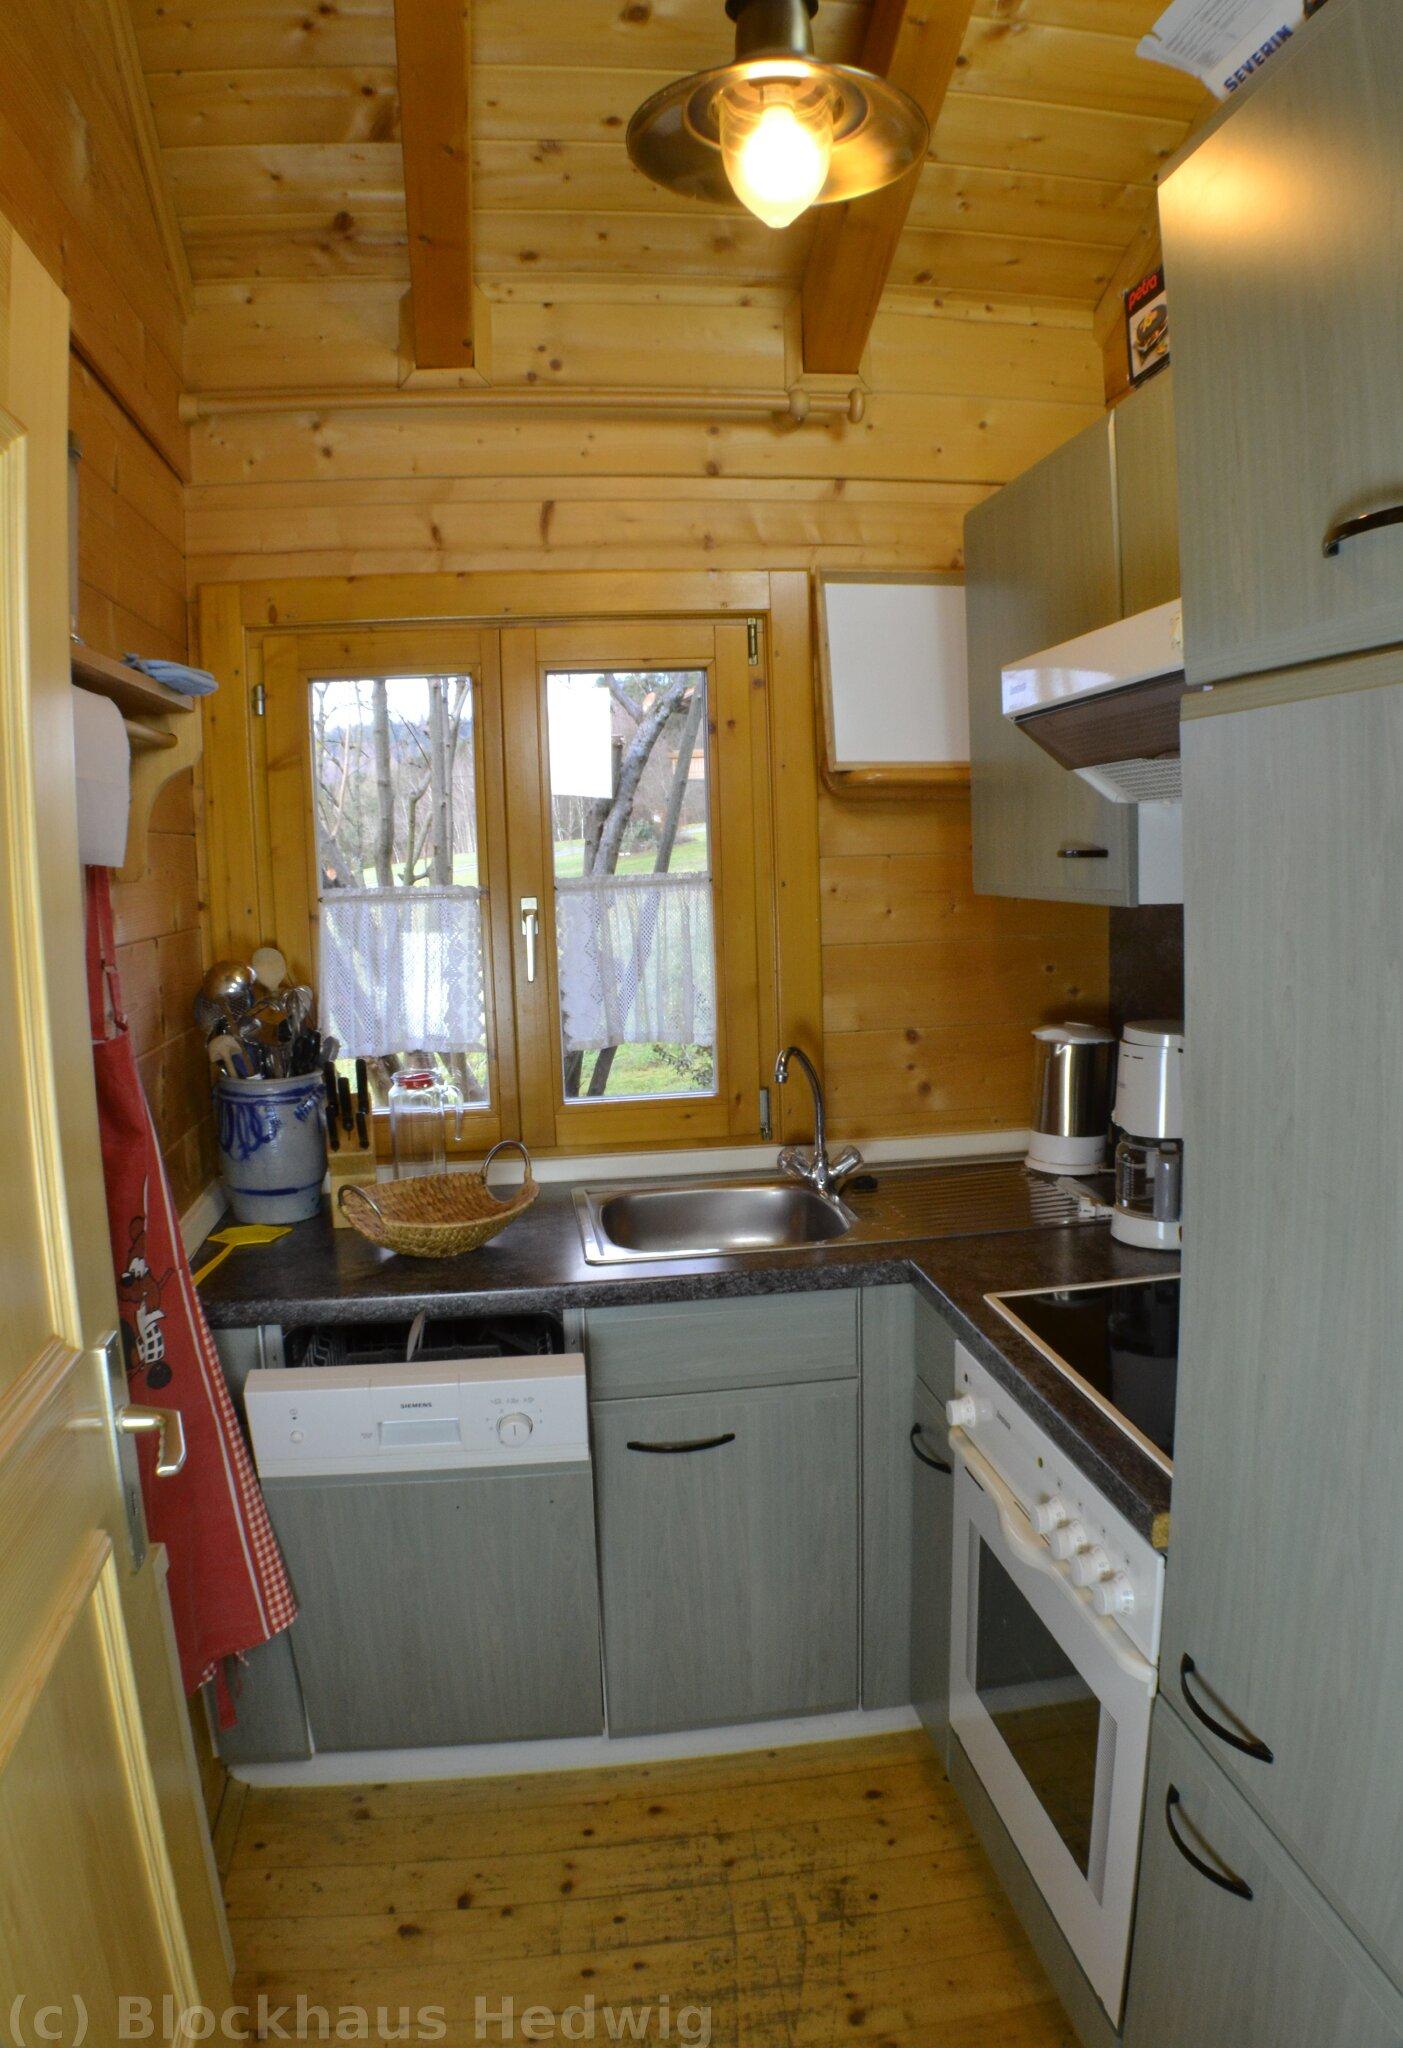 Separate Küche mit Geschirrspüler